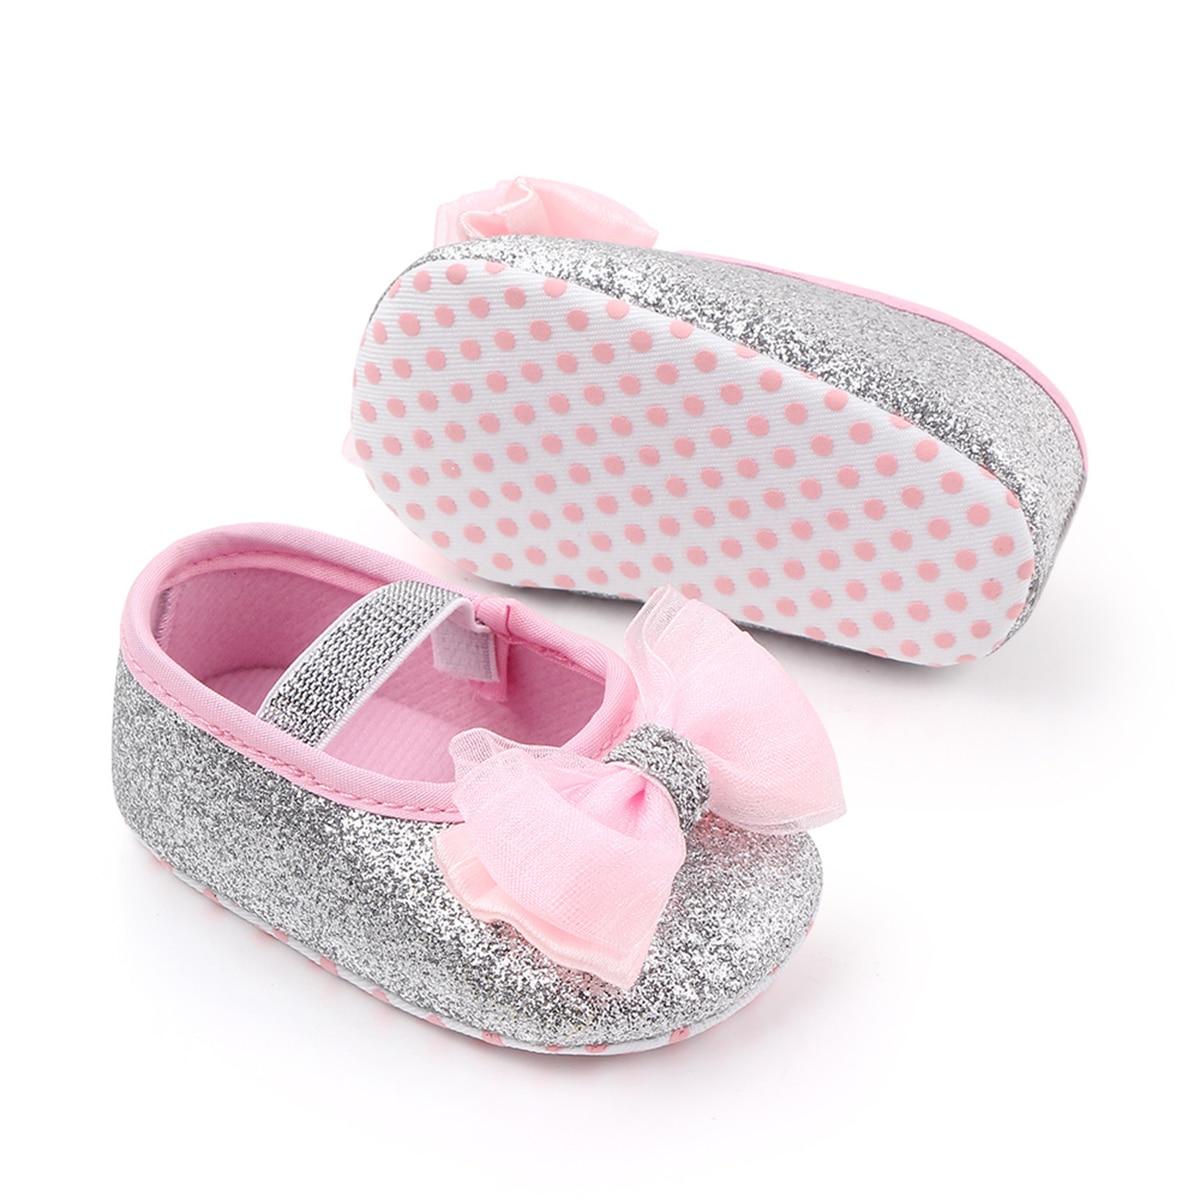 Infant Newborn  Spring Summer Autumn Flats Glitter Bowknot Princess Dress Shoes No-Slip First Walkers